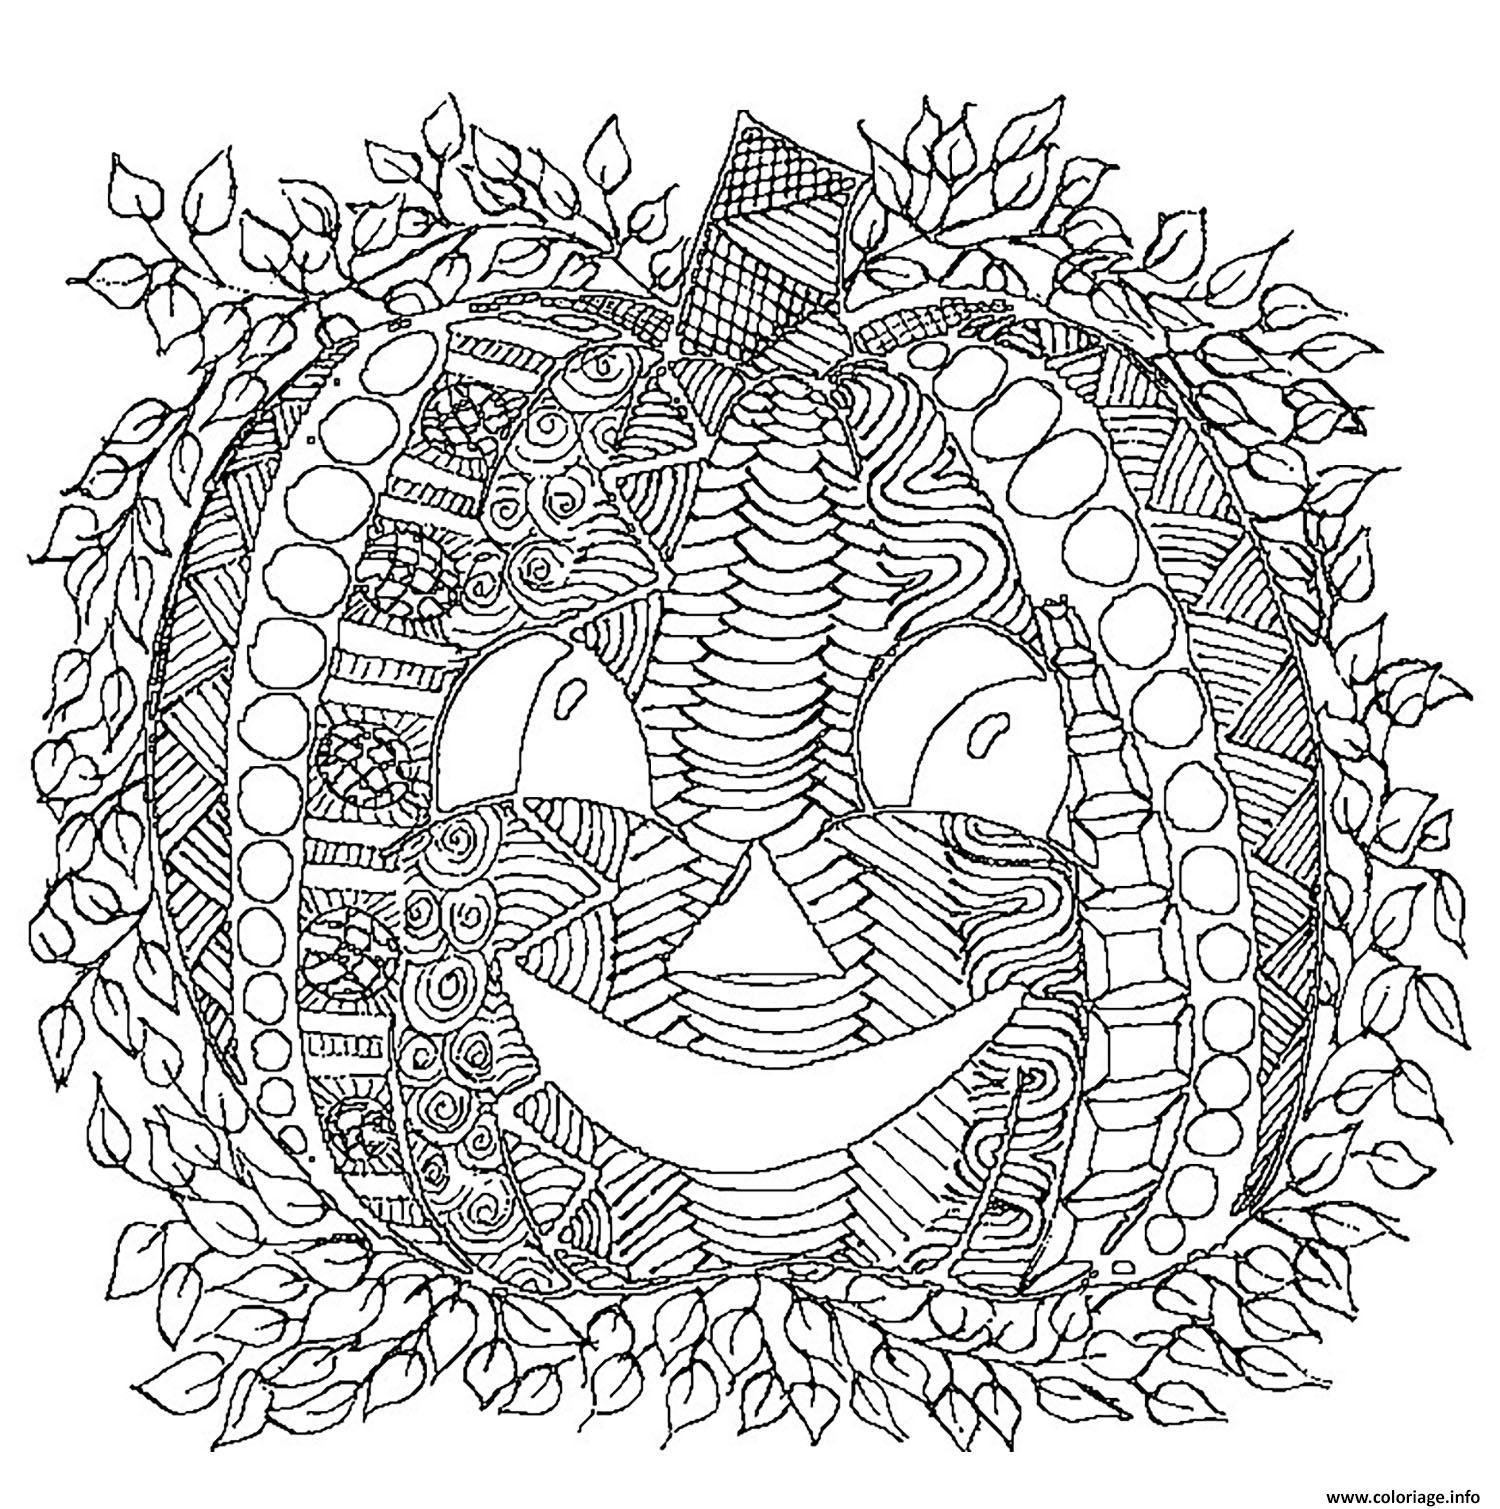 Coloriage Adulte Halloween Citrouille Dessin dessin